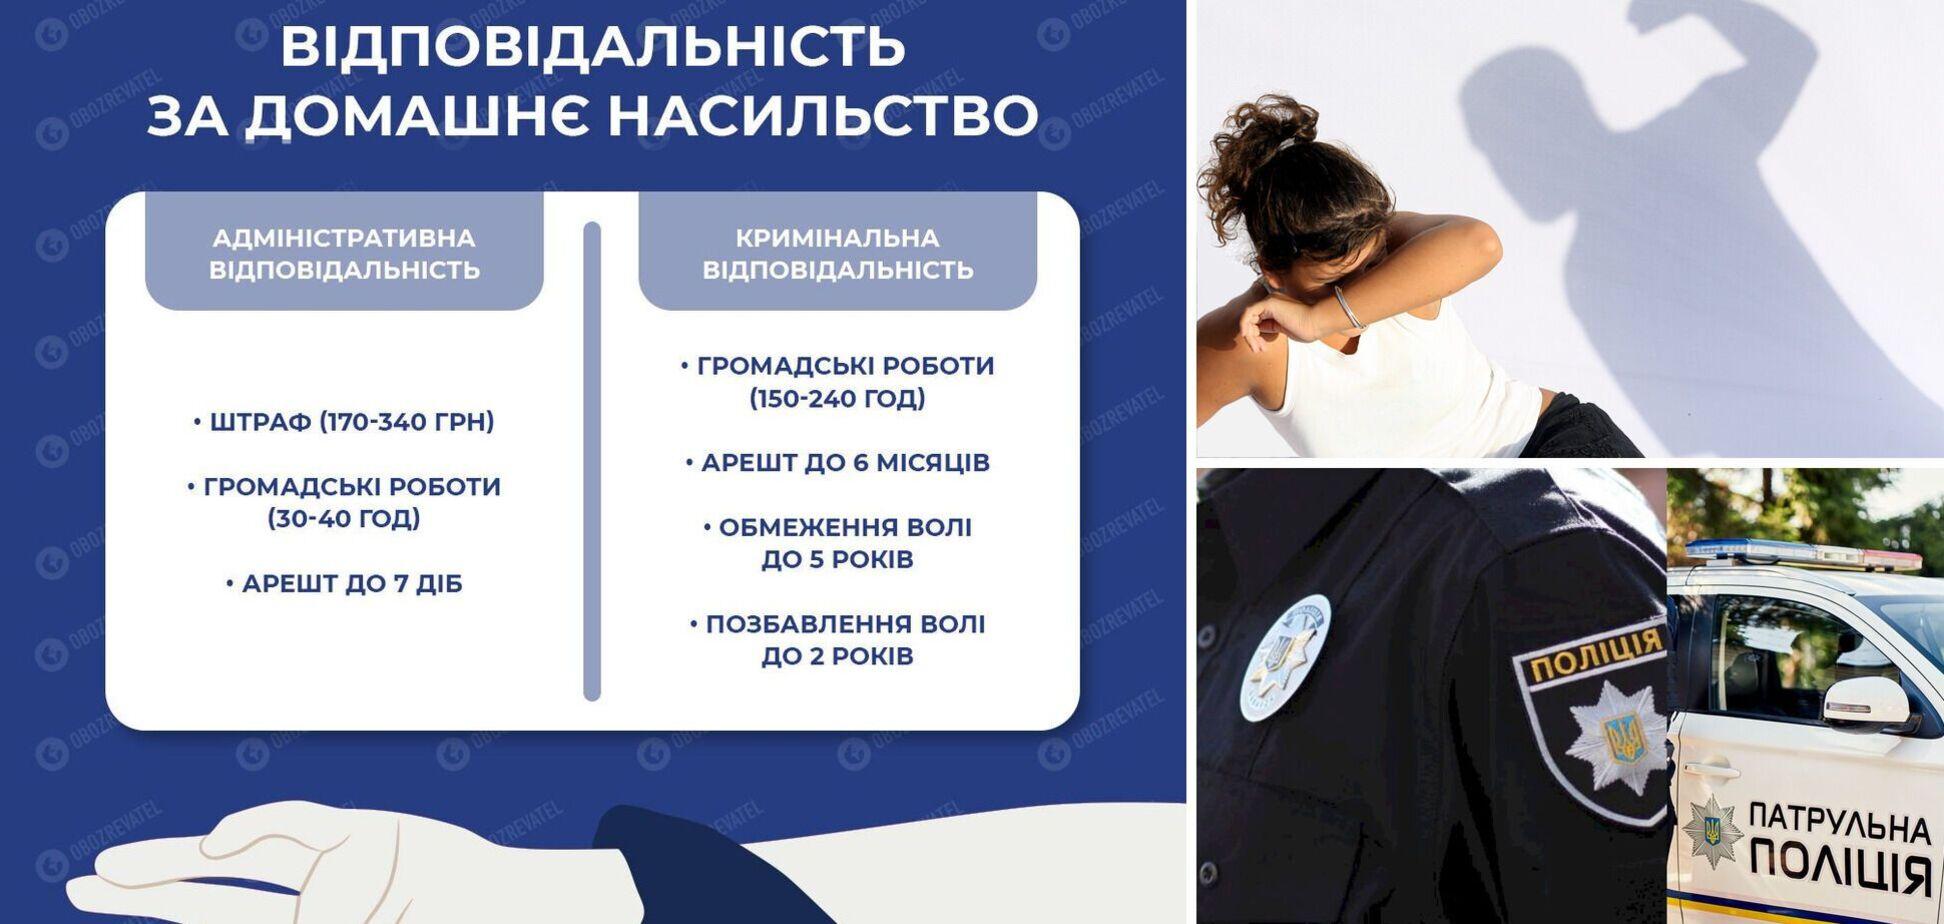 В Украине резко выросли случаи домашнего насилия: как хотят изменить наказание тиранам